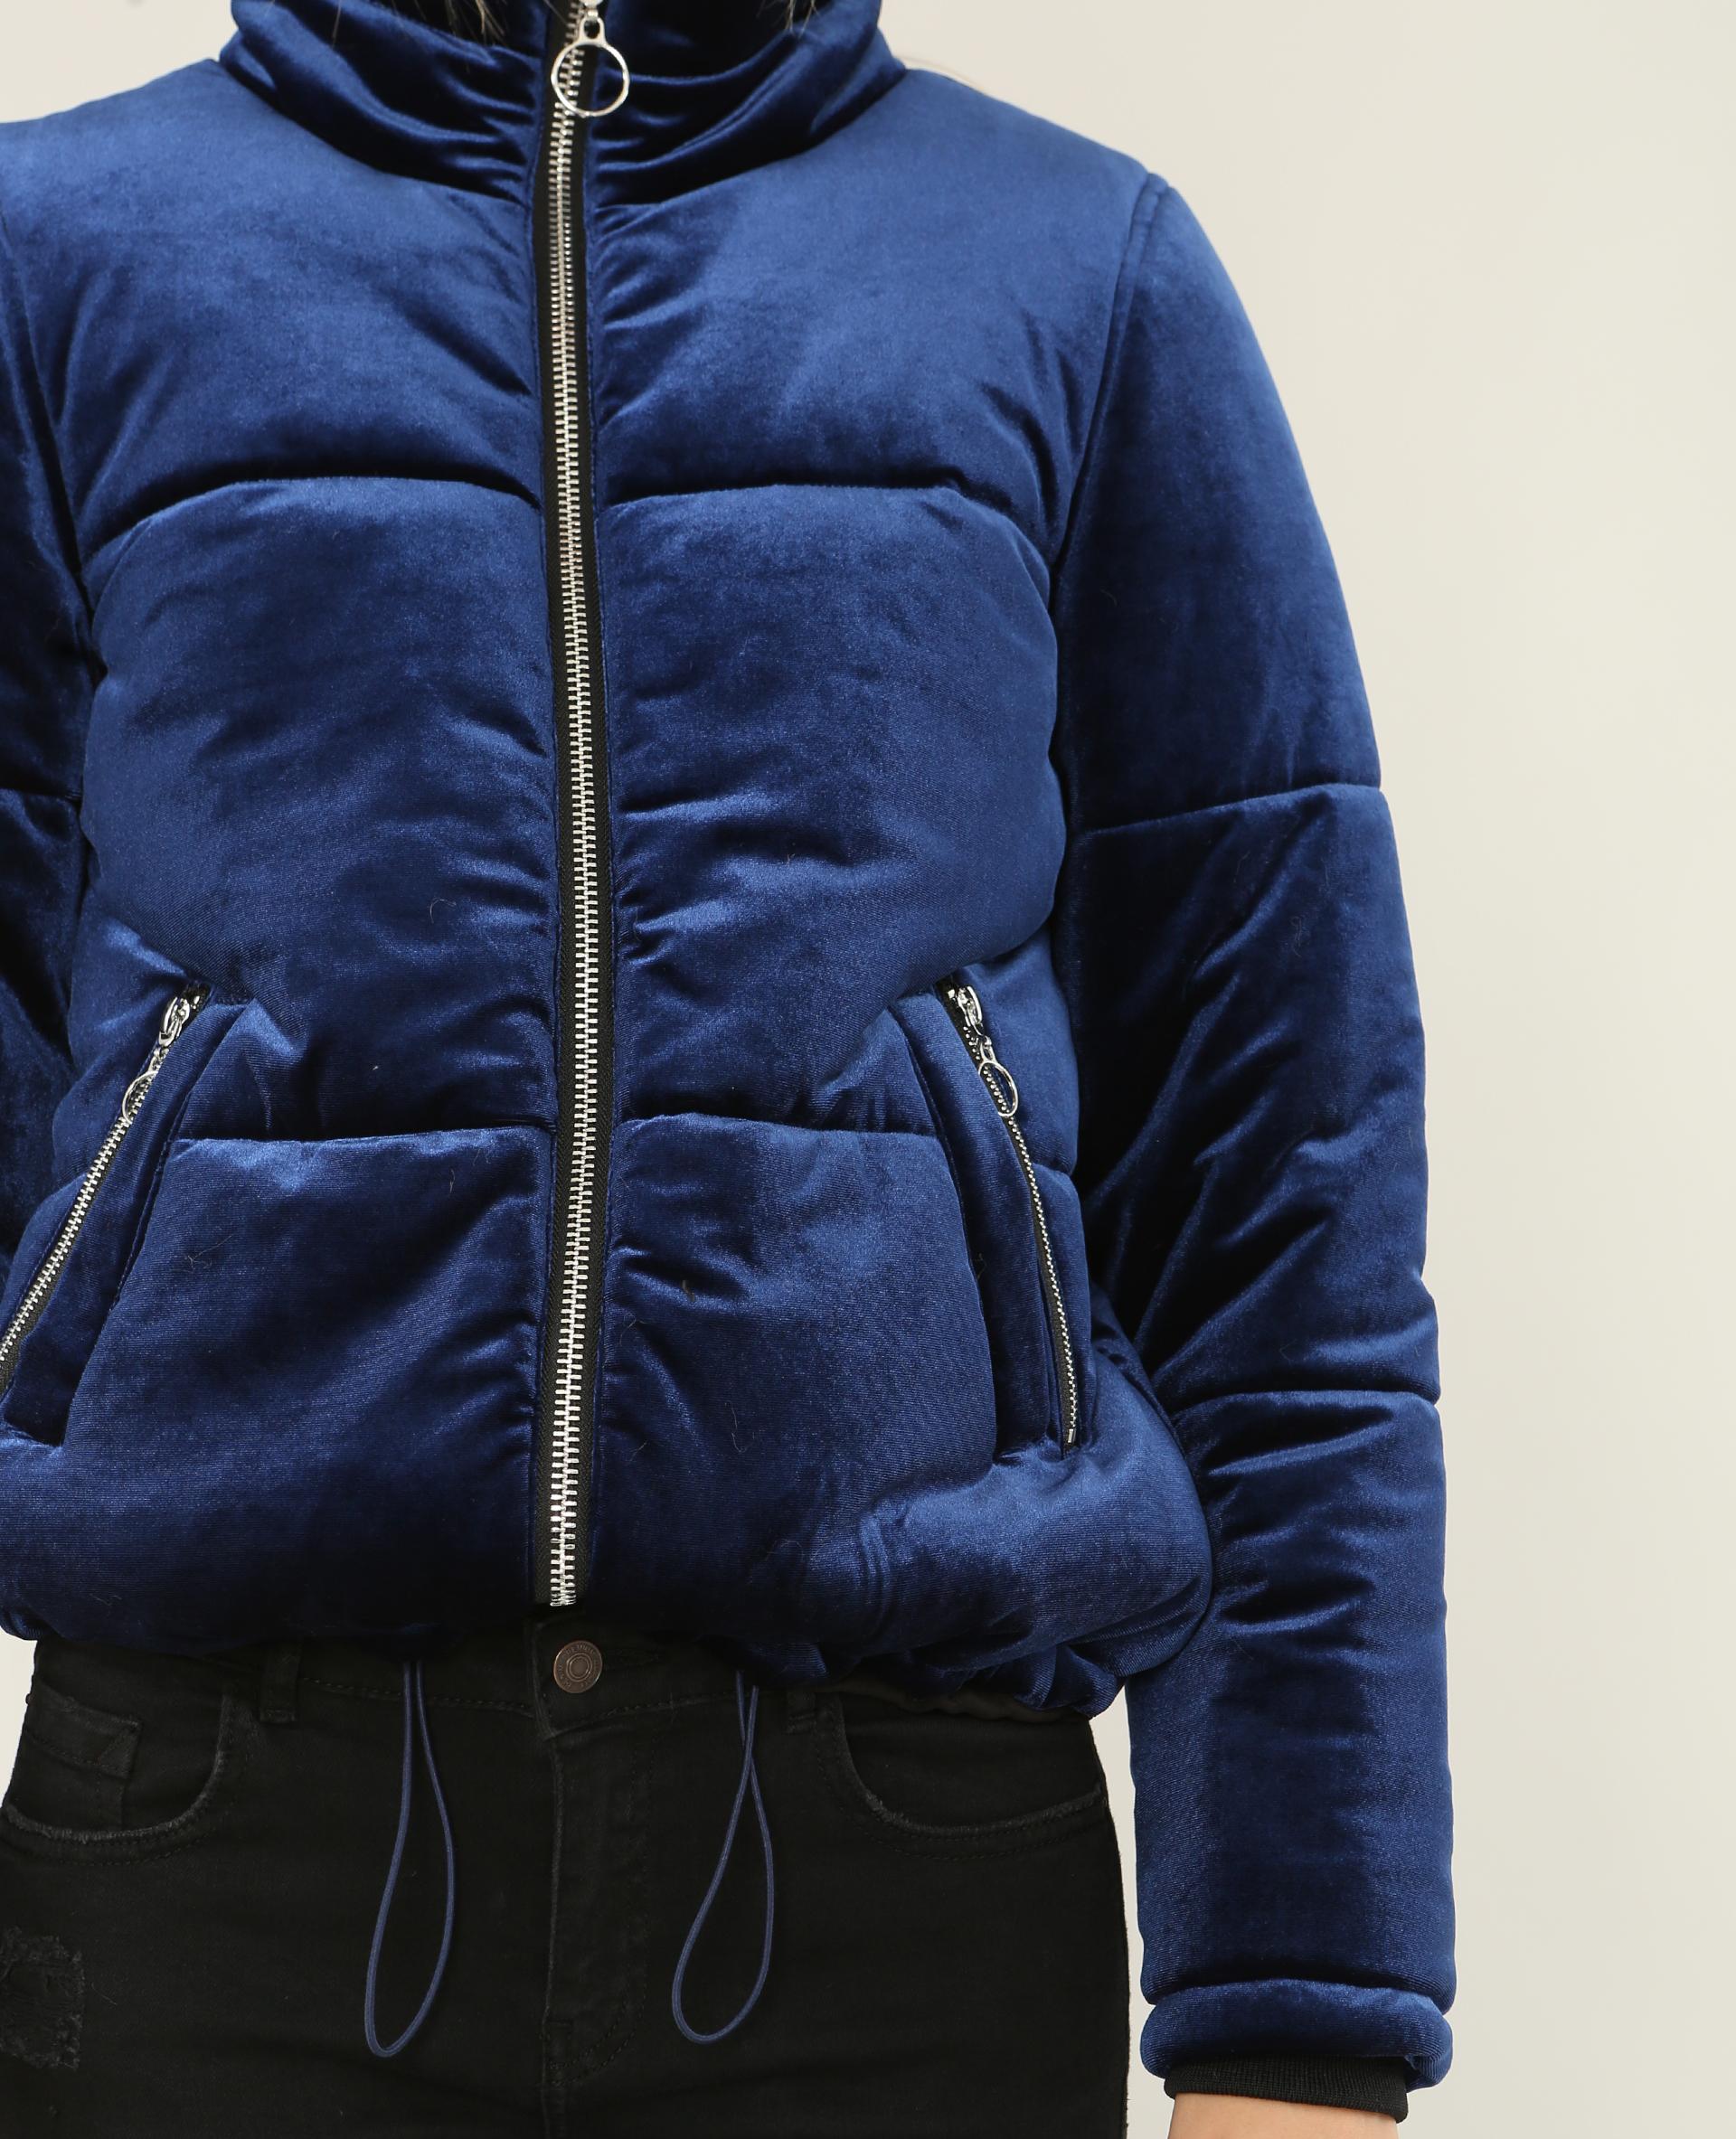 Doudoune velours bleu électrique - Pimkie